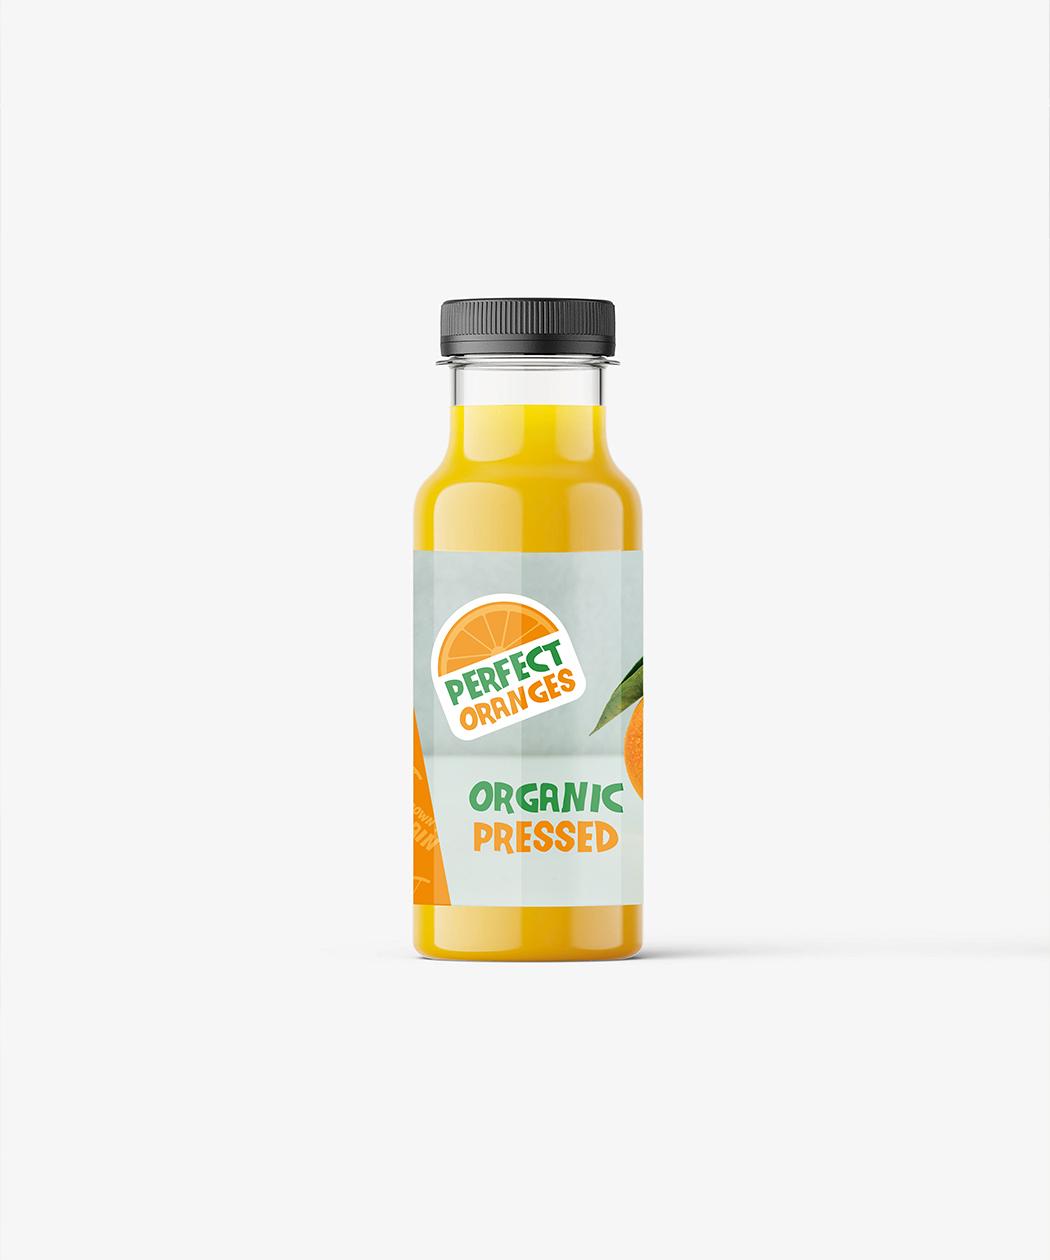 orange juice label design on bottle